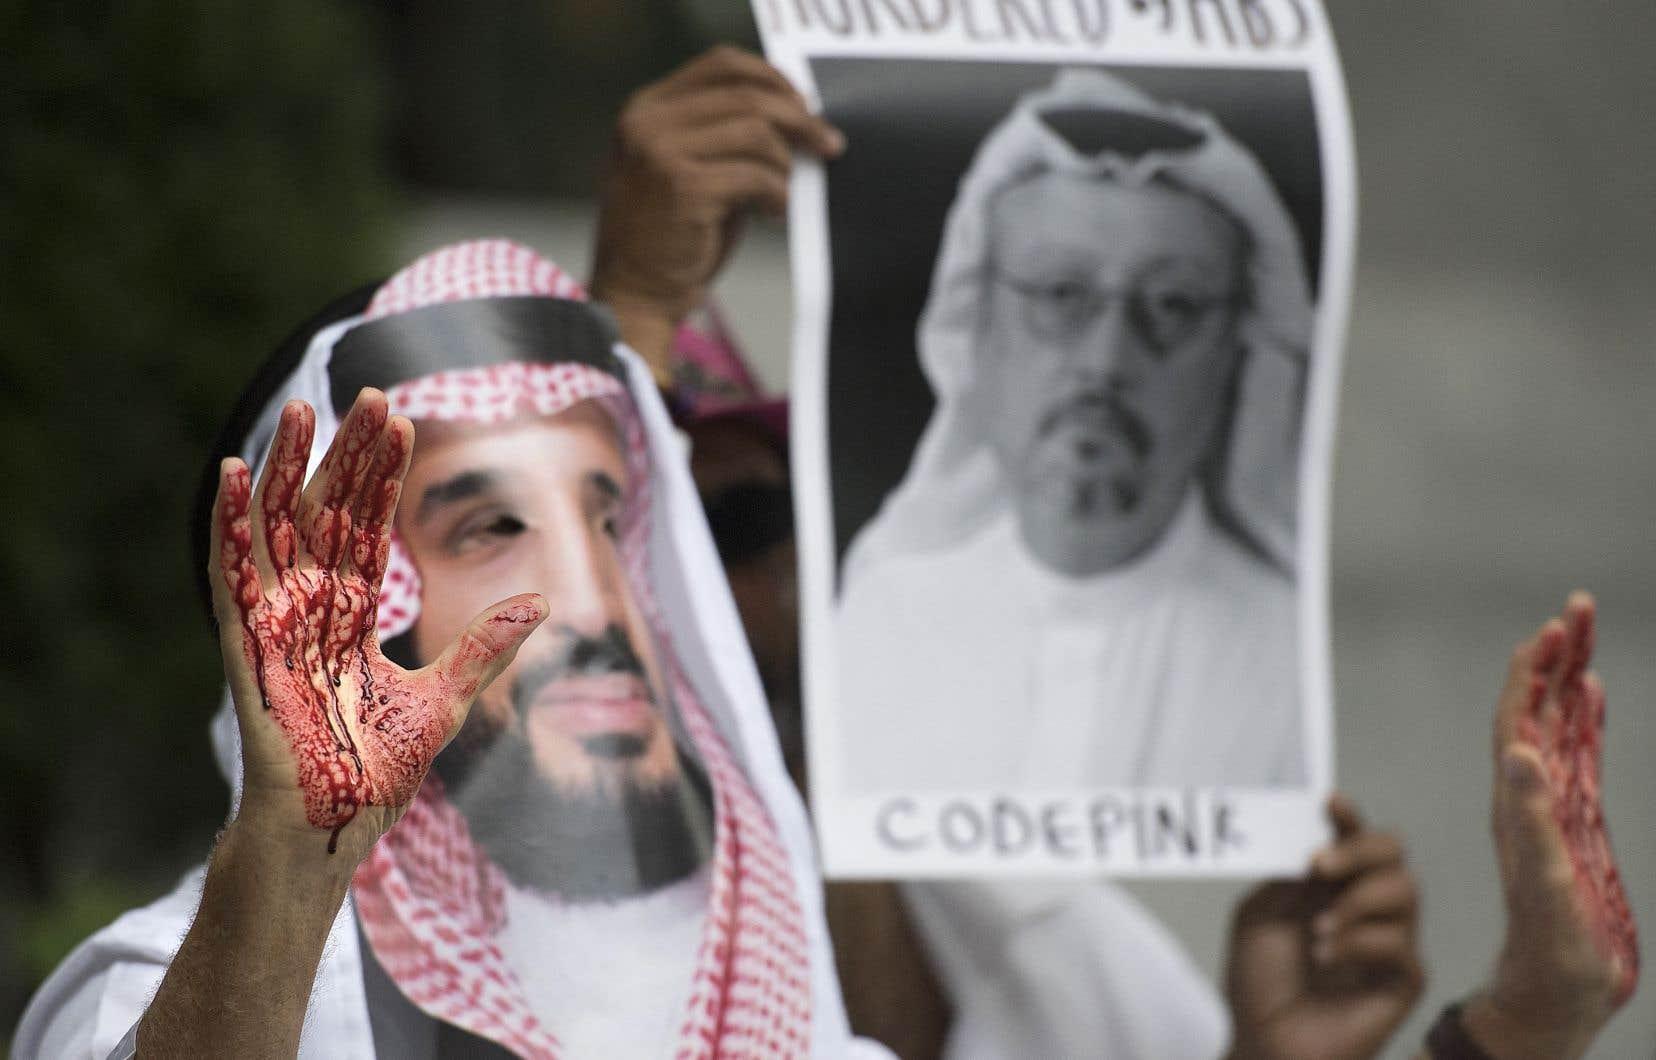 L'assassinat du journaliste Jamal Khashoggi a tant marqué qu'il est à l'origine d'une nouvelle règle aux États-Unis, baptisée «Khashoggi ban», ou «interdiction Khashoggi», visant toute personne accusée de s'attaquer, au nom des autorités de son pays, à des dissidents ou à des journalistes à l'étranger.